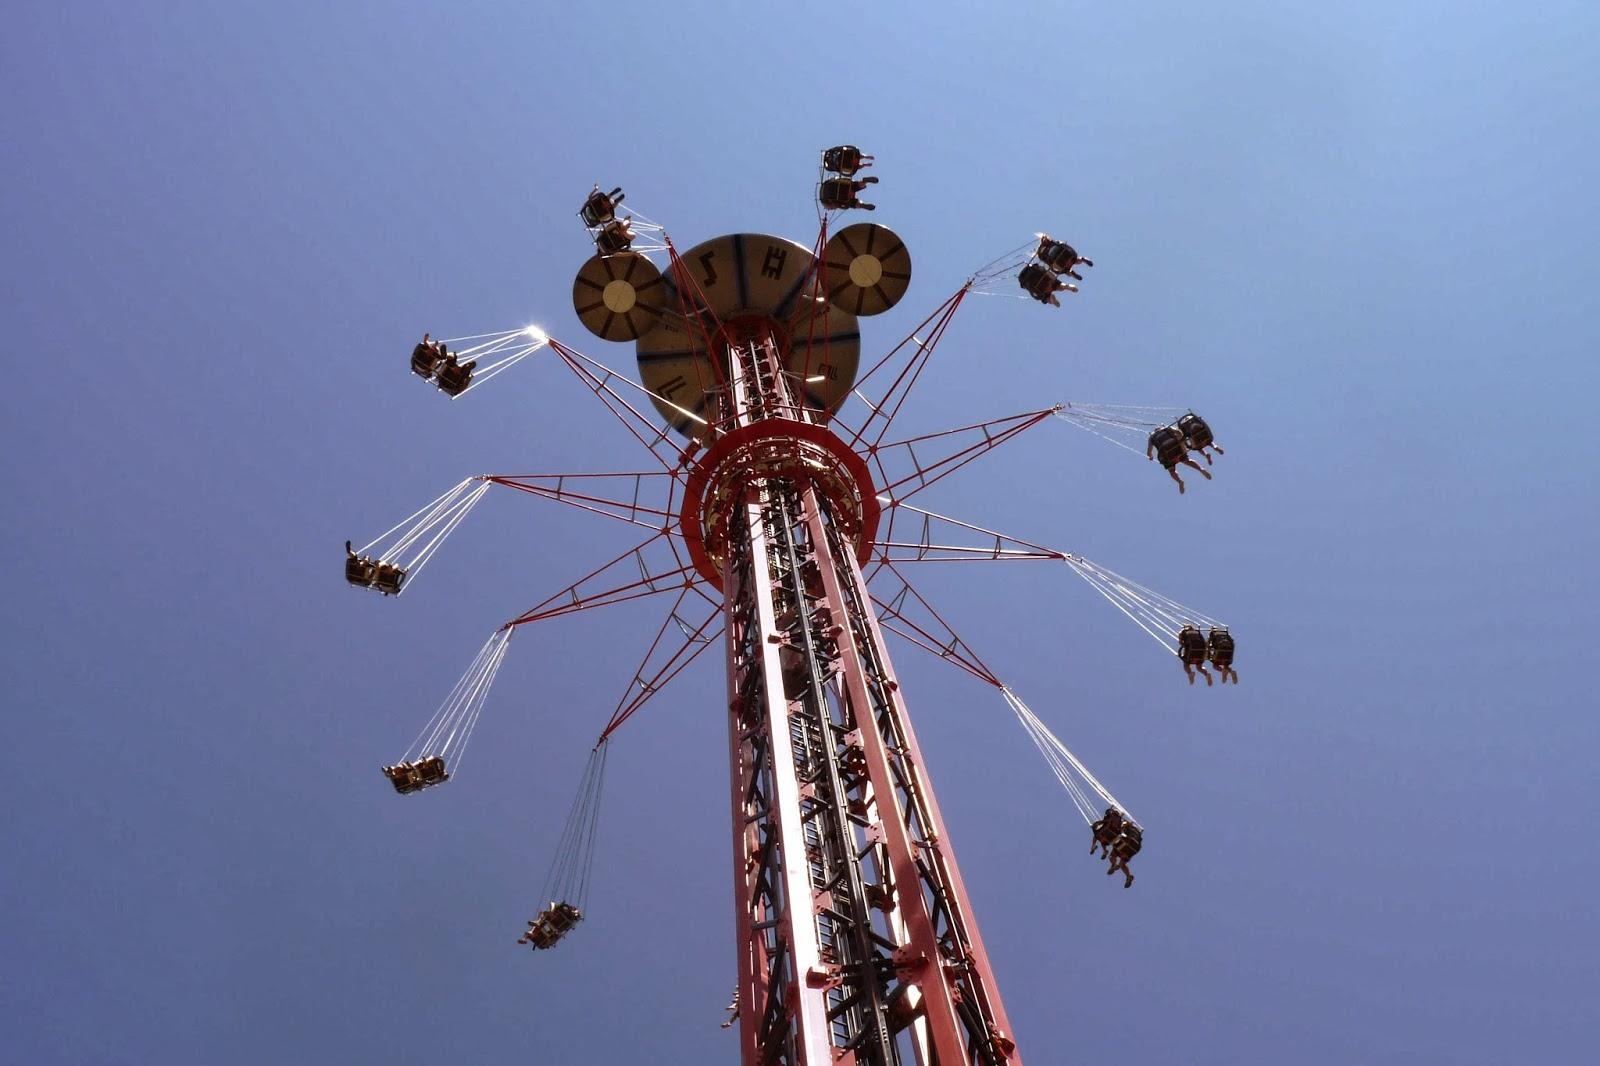 Star Flyrer. Parque de Atracciones de Madrid.